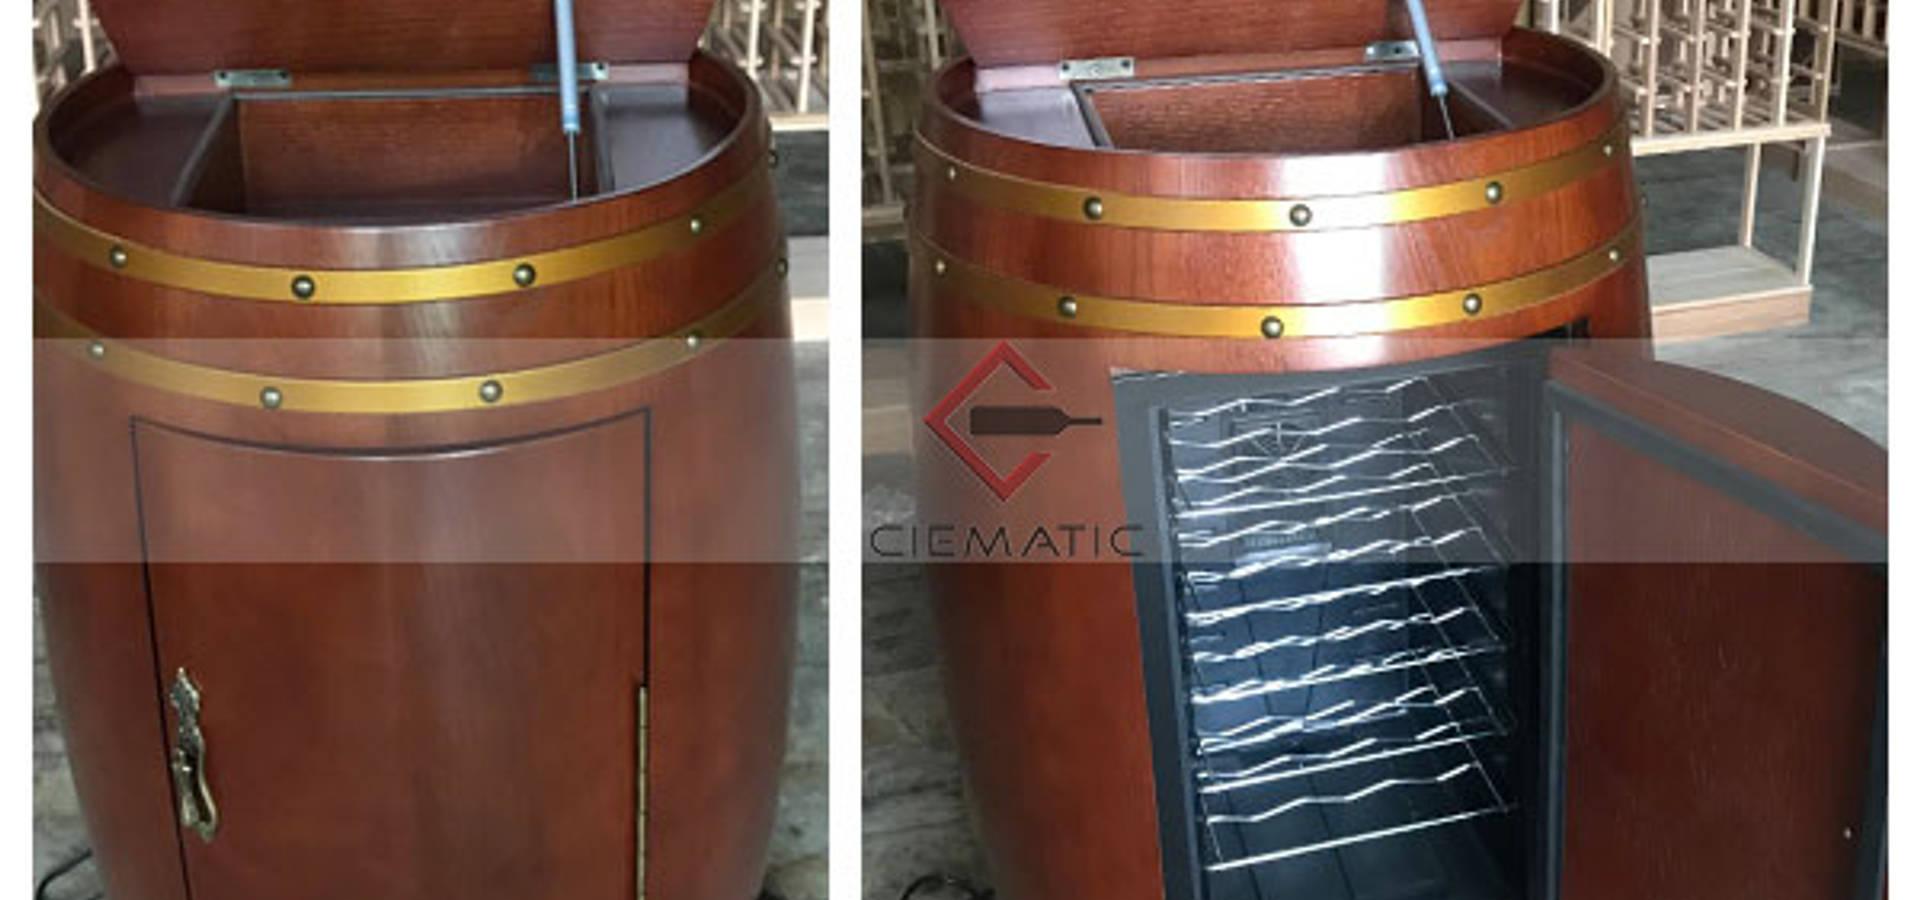 CieMatic